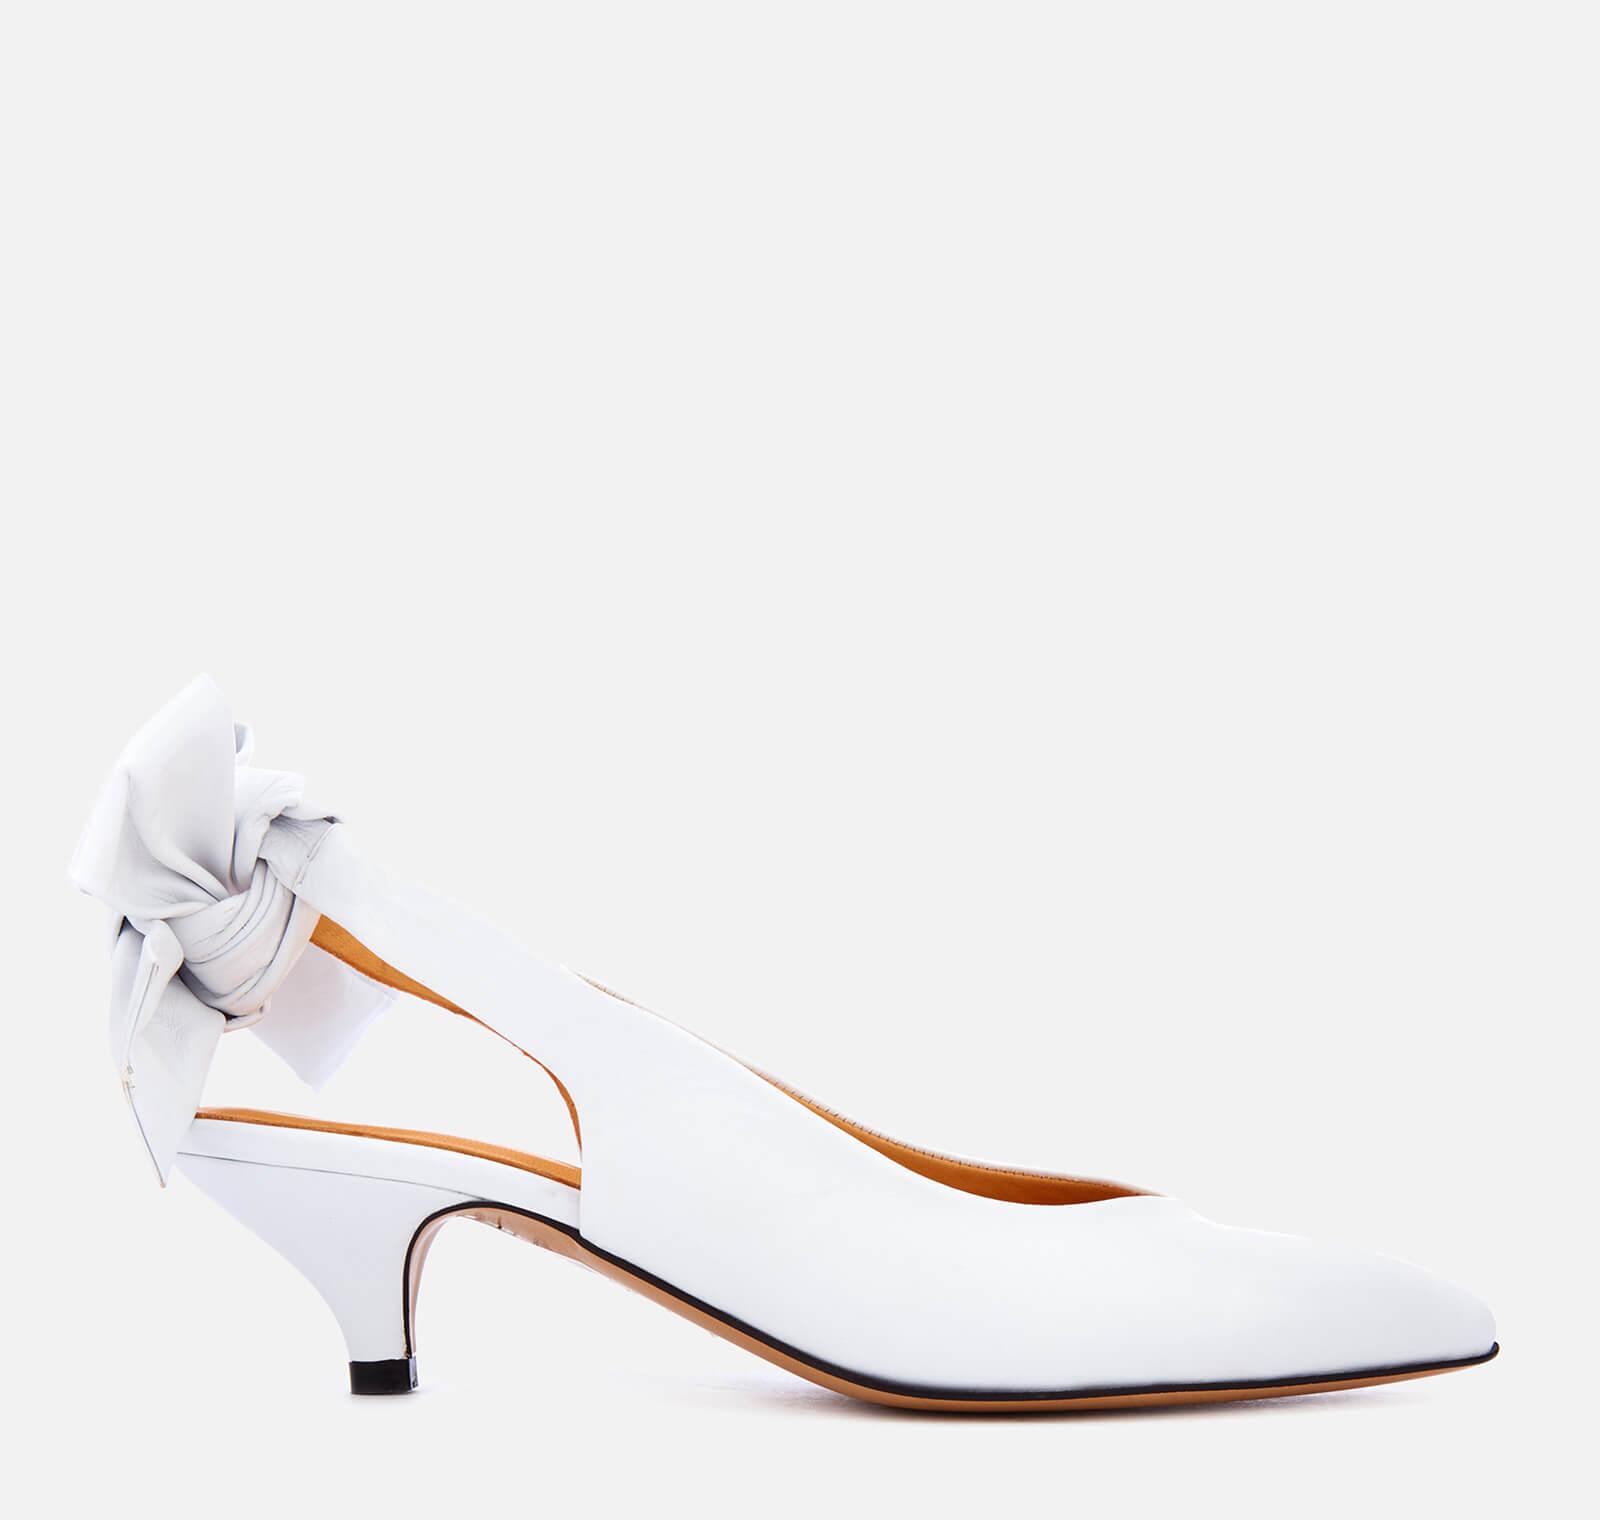 914237f9aa Ganni Women's Sabine Sling Back Kitten Heels - Bright White